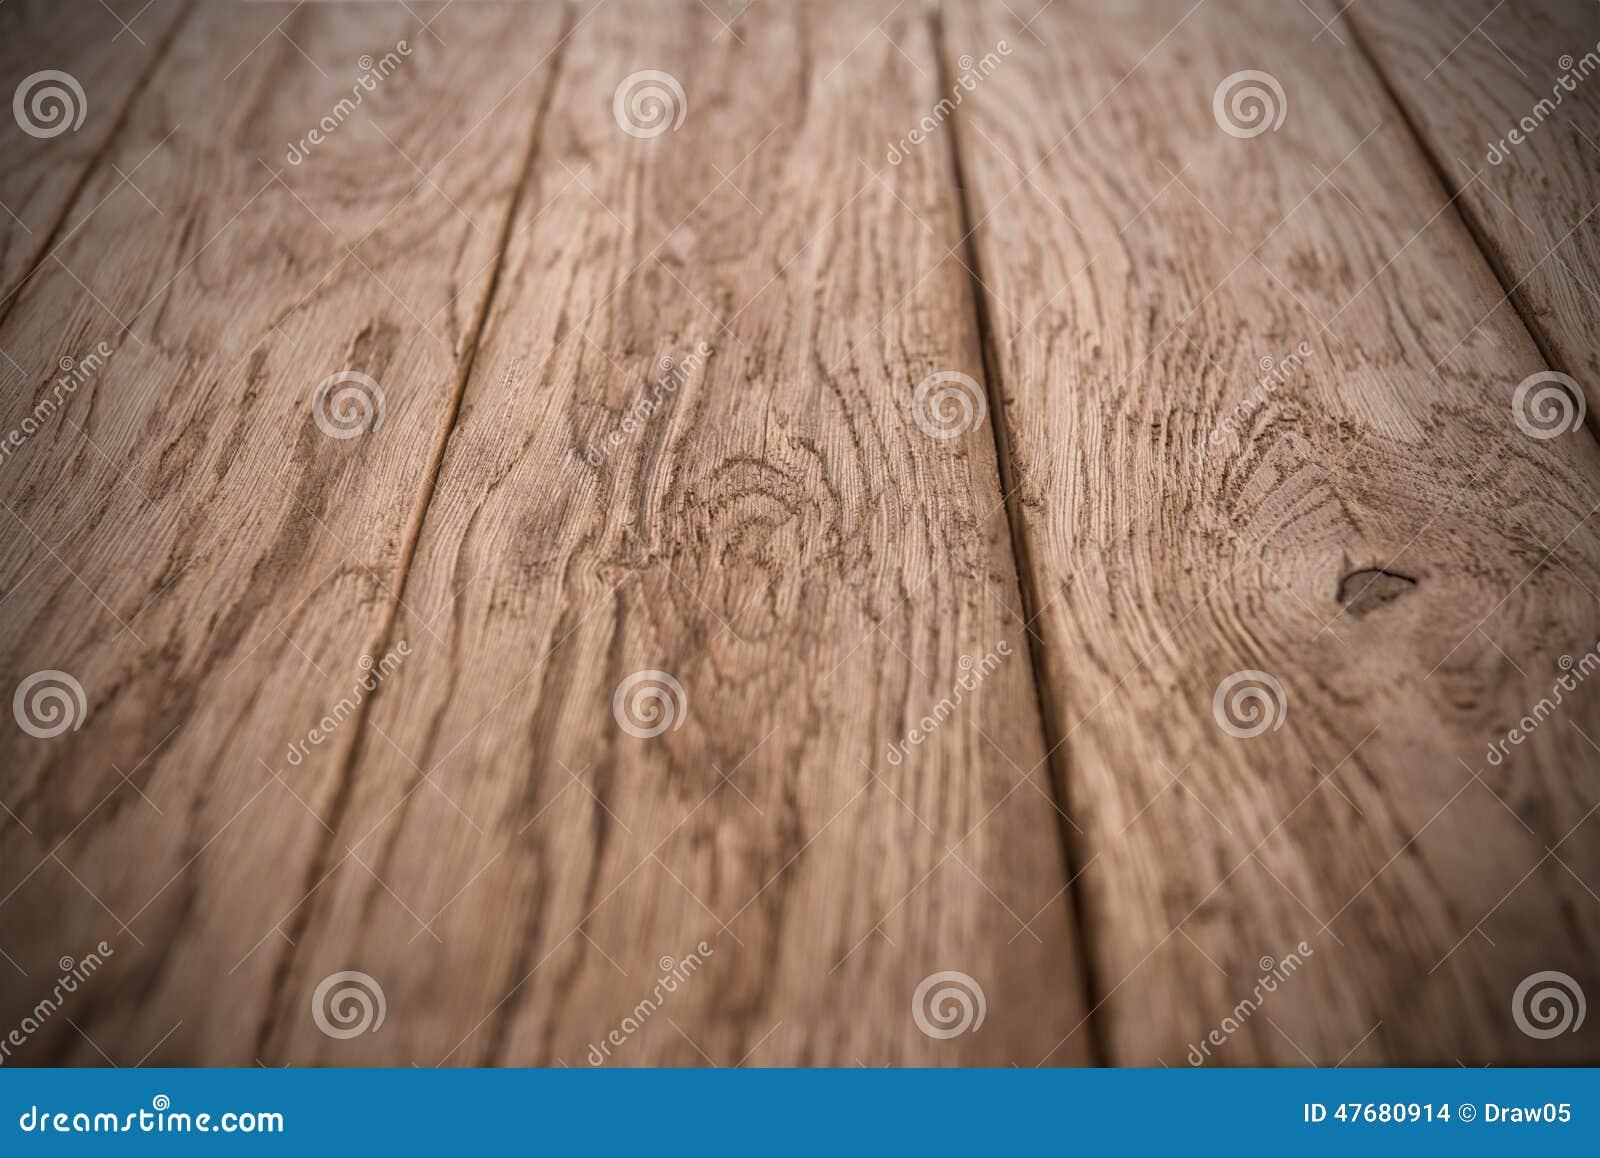 Vieille texture en bois de planches de ch ne photo stock image 47680914 - Vieilles planches de bois ...